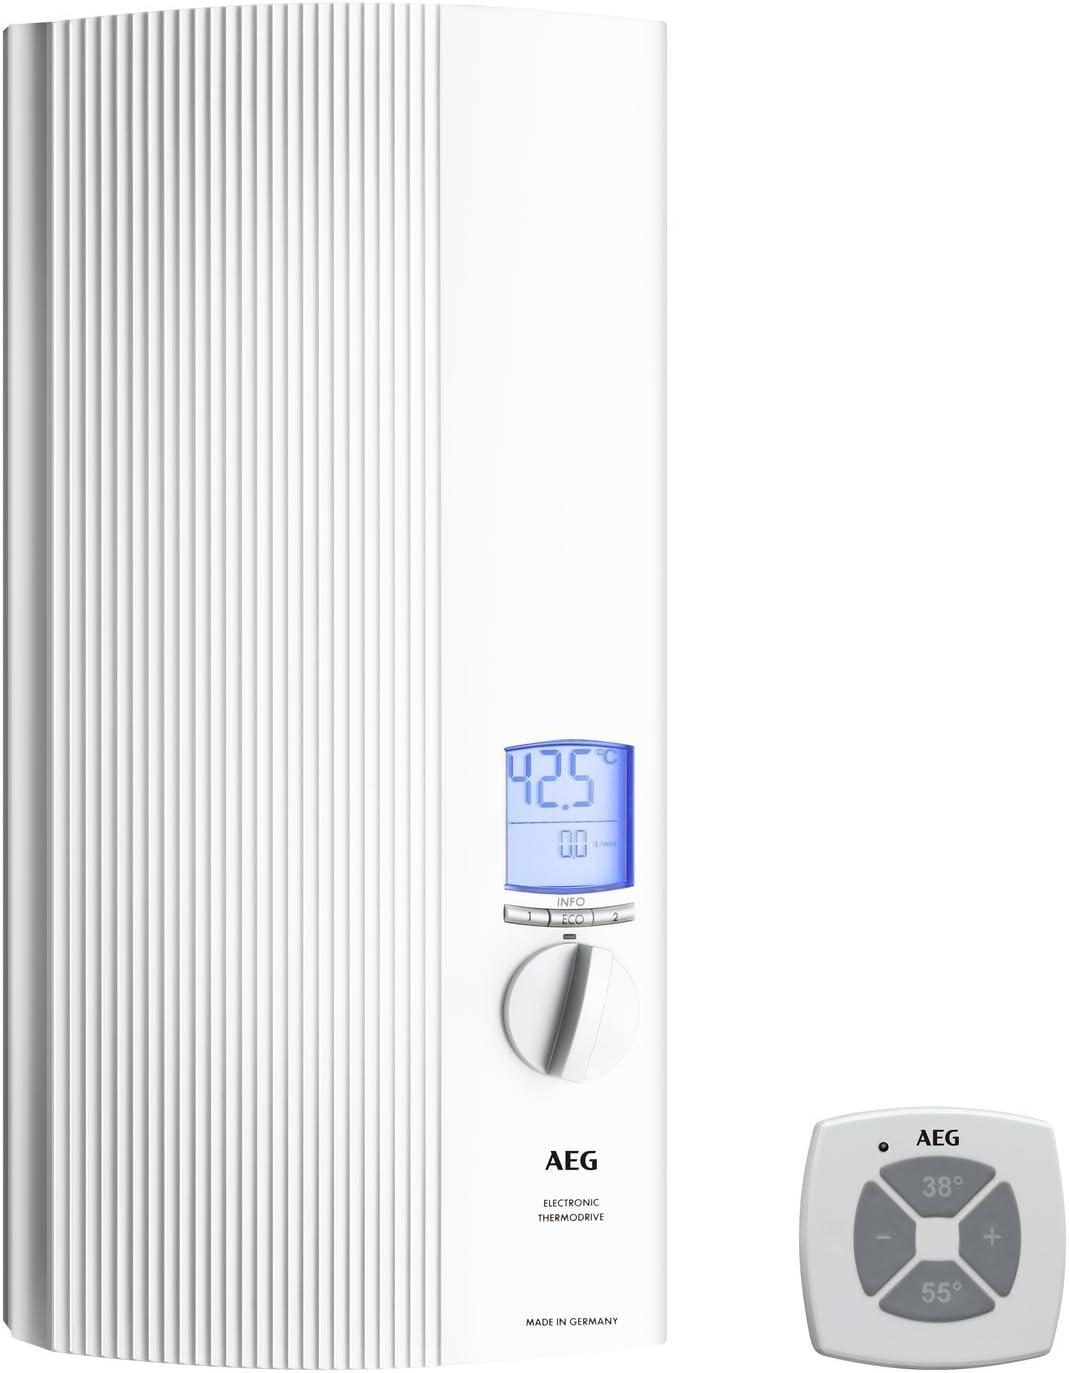 AEG 222399 DDLE ÖKO TD 27 - Calentador de agua eléctrico(27 kW, 400 V), color blanco